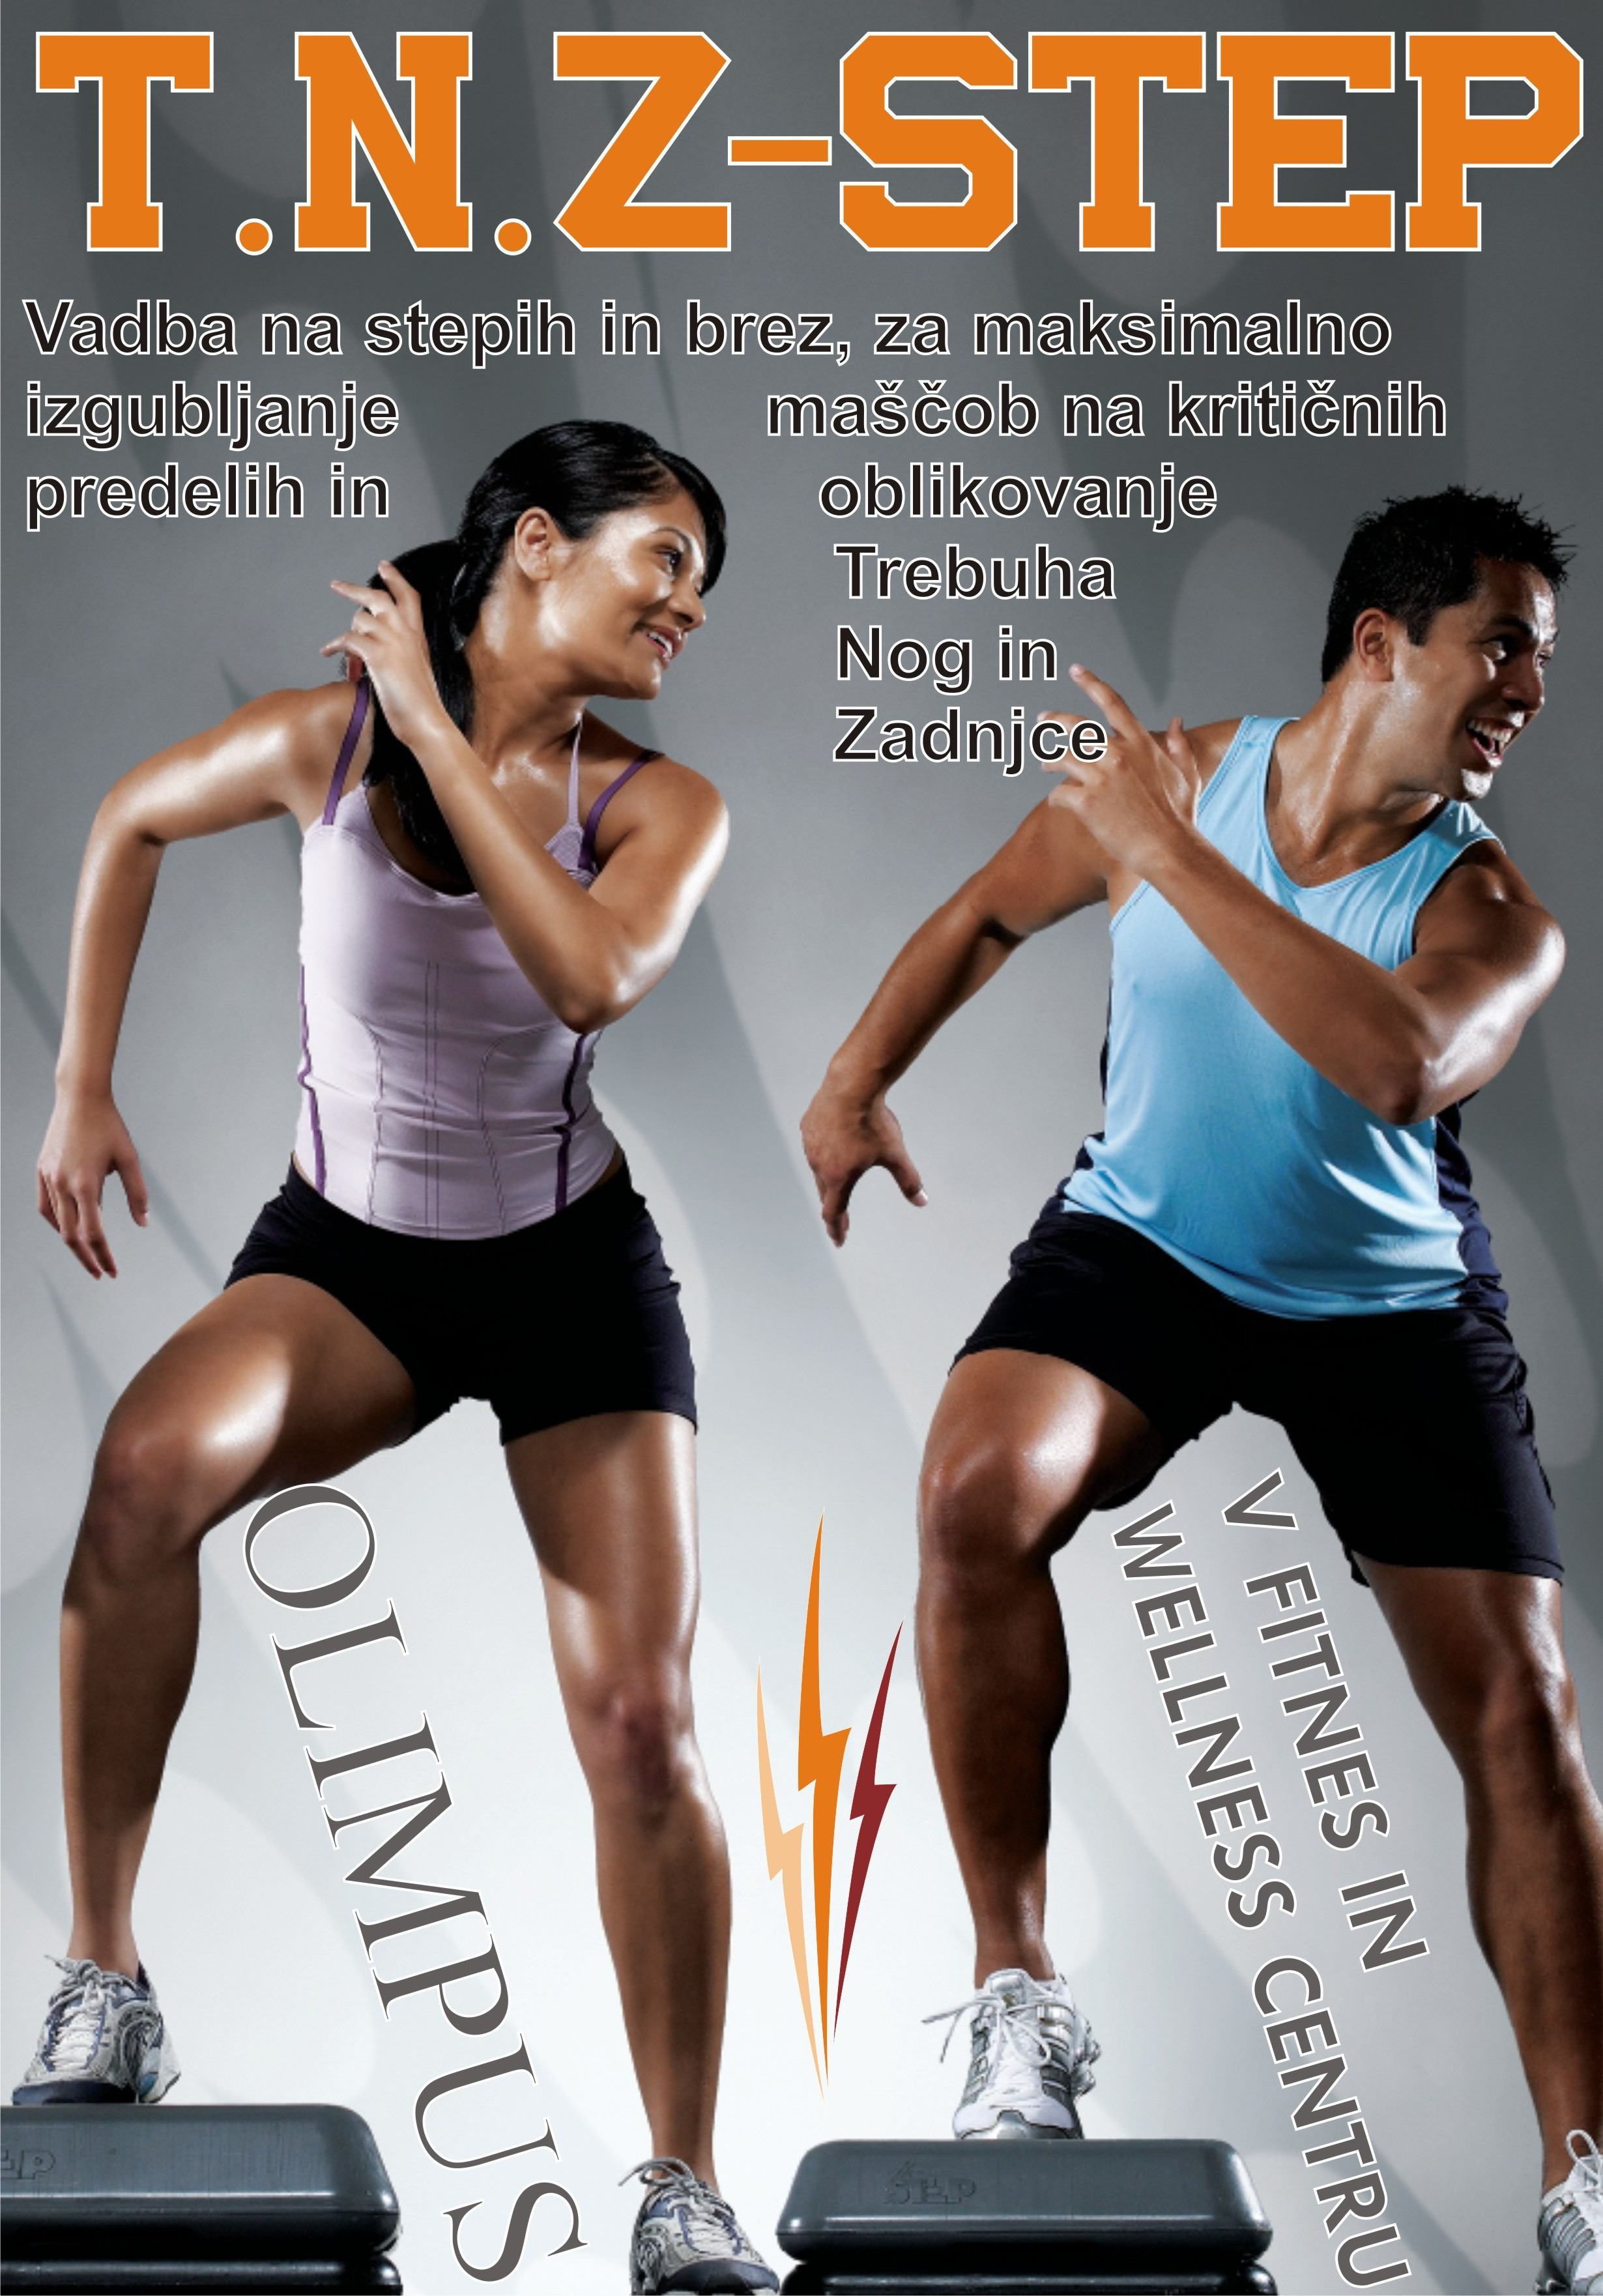 TNZ aerobika